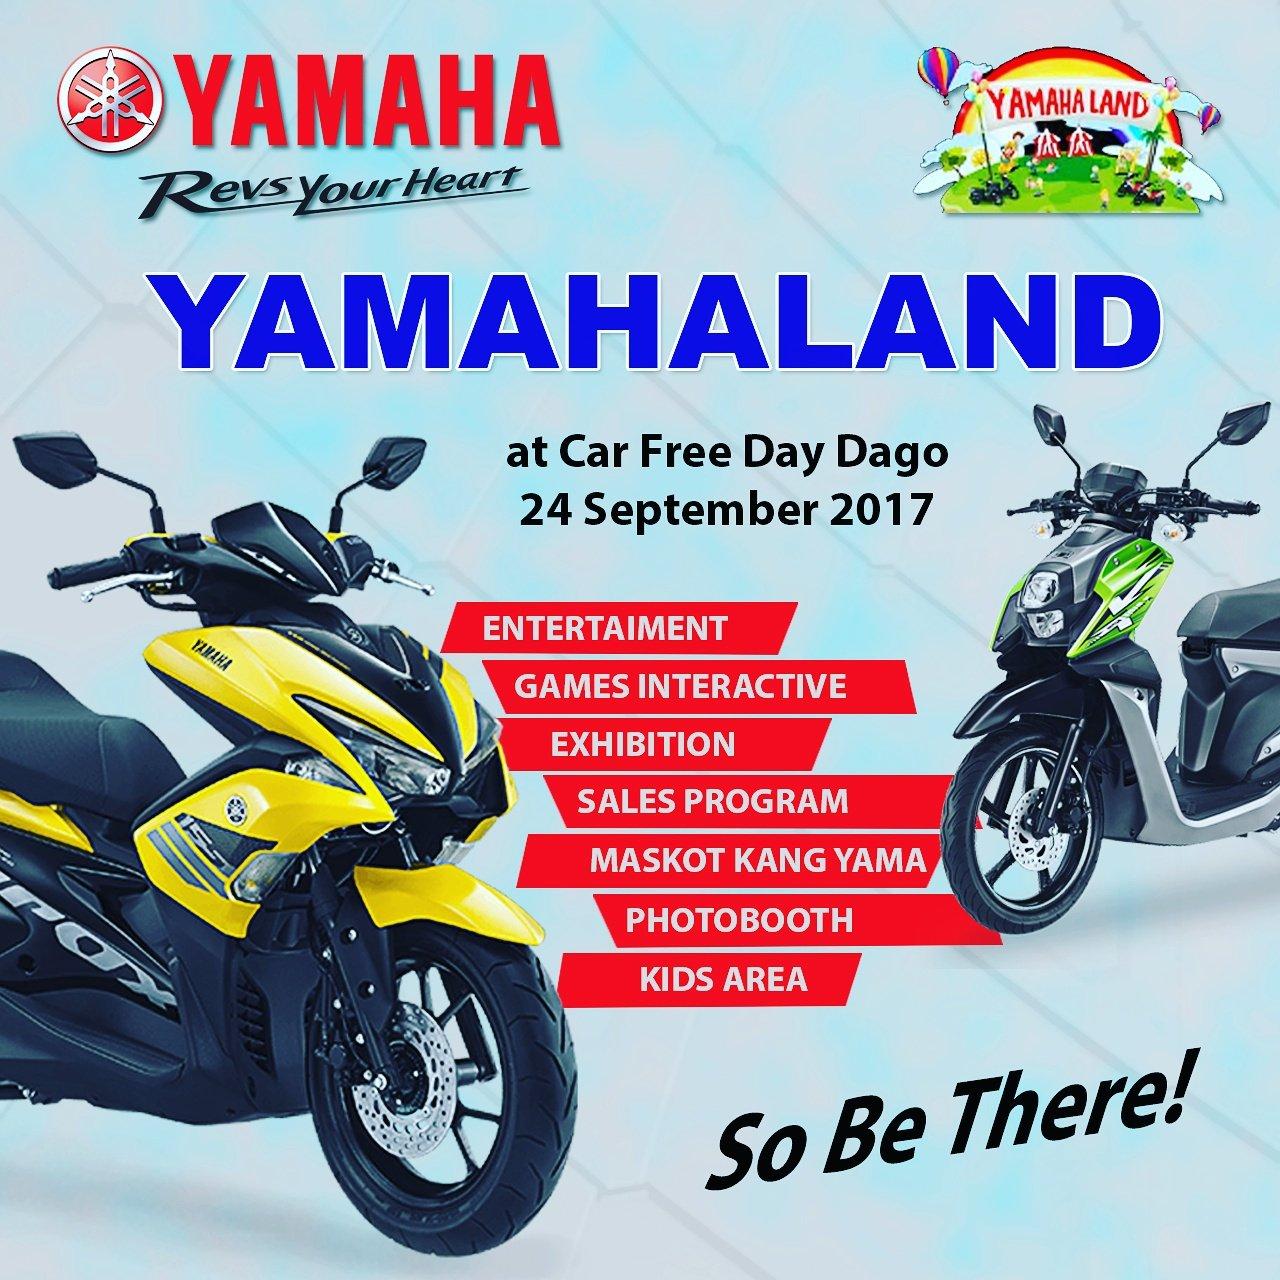 Todaaaay!!! So, RAMAIKAN! :)) #eventbdg #yamahaland #cfddago #yamaha #aerox #soulgt #xride #bandung https://t.co/1CIgQEnxys